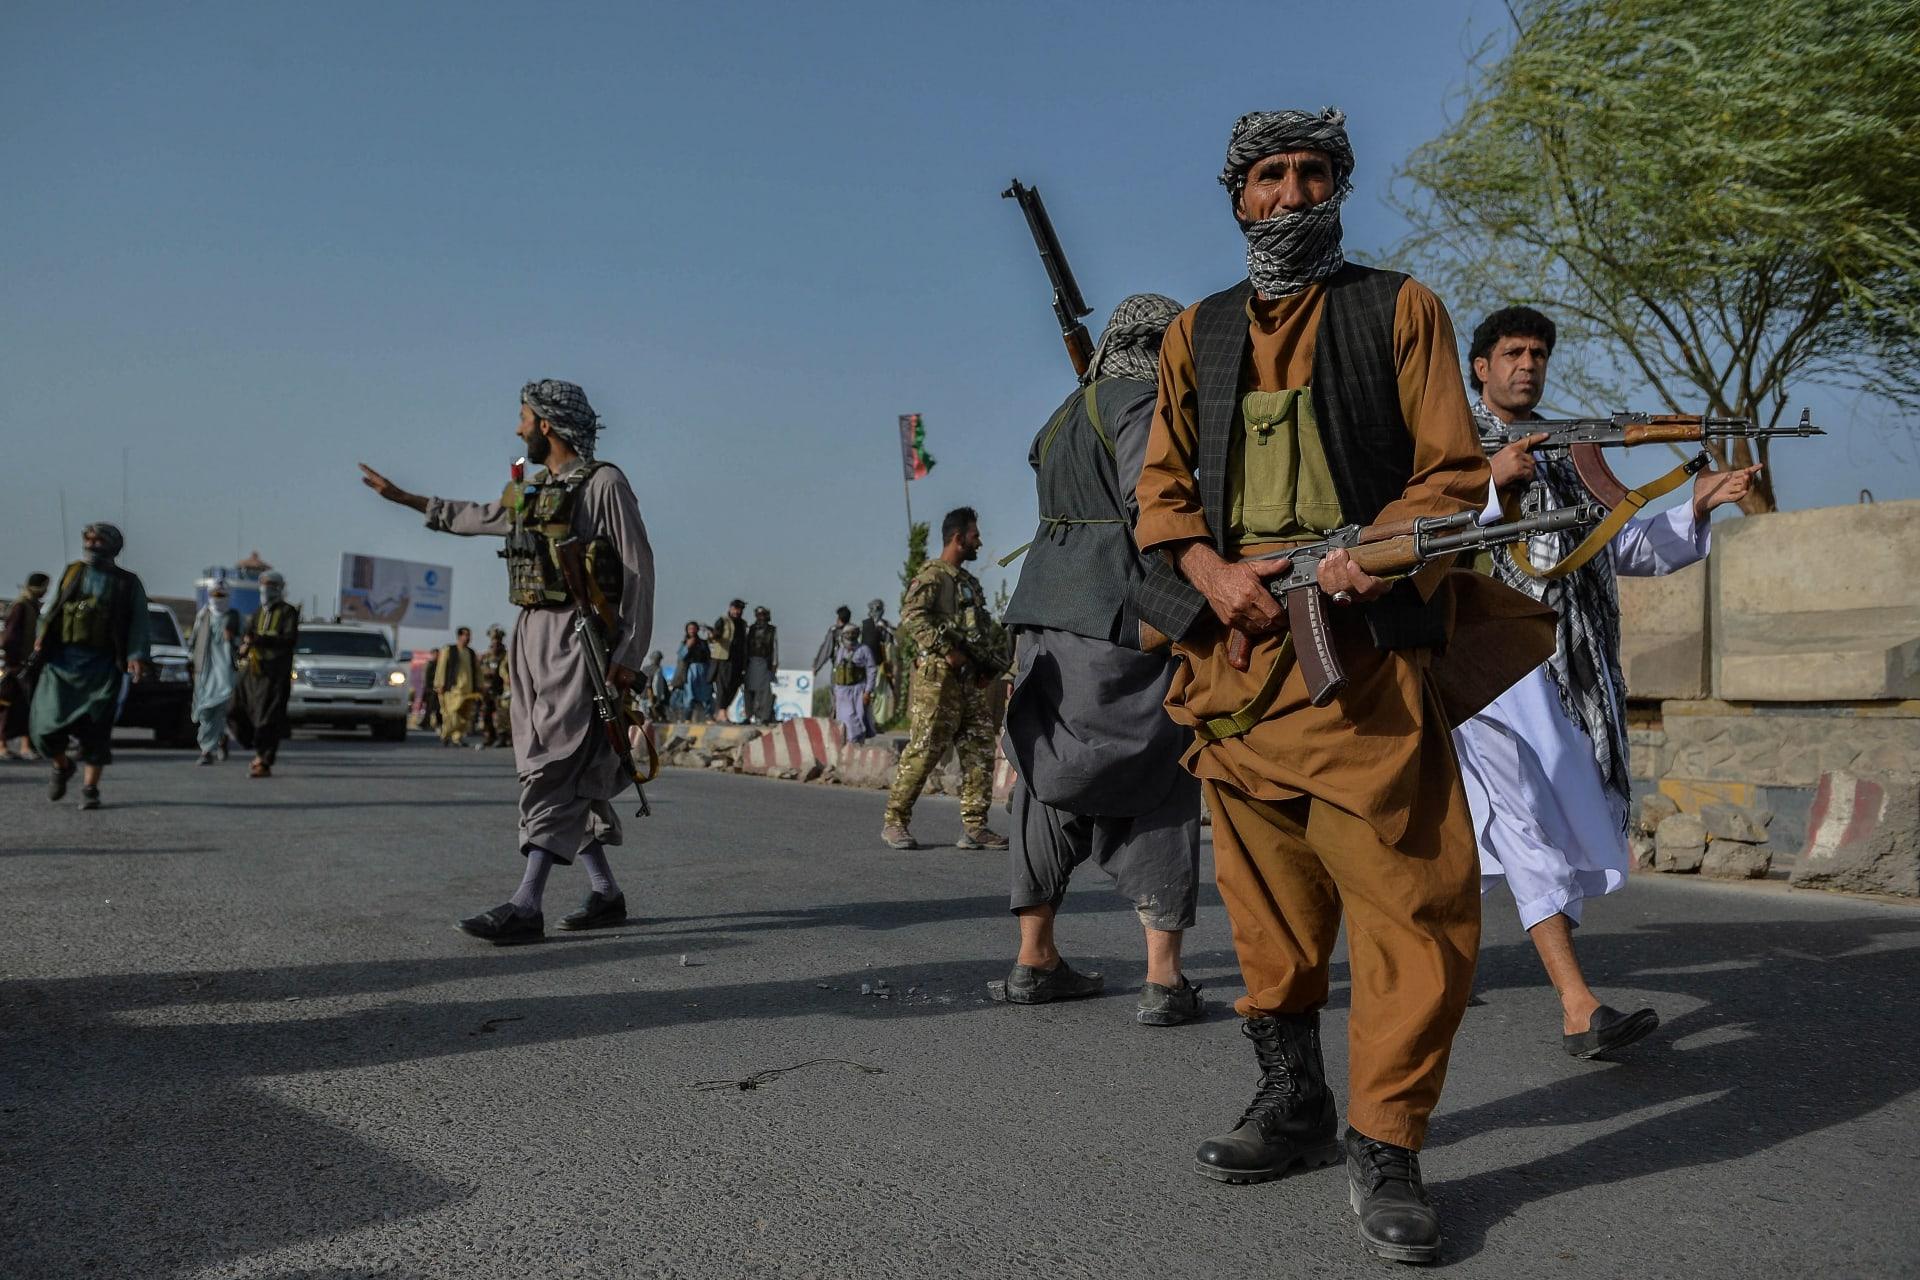 أفراد الأمن الأفغان والمليشيات الأفغانية التي تقاتل طالبان، تقف في حراسة منطقة إنجيل في ولاية هرات، 30 يوليو 2021